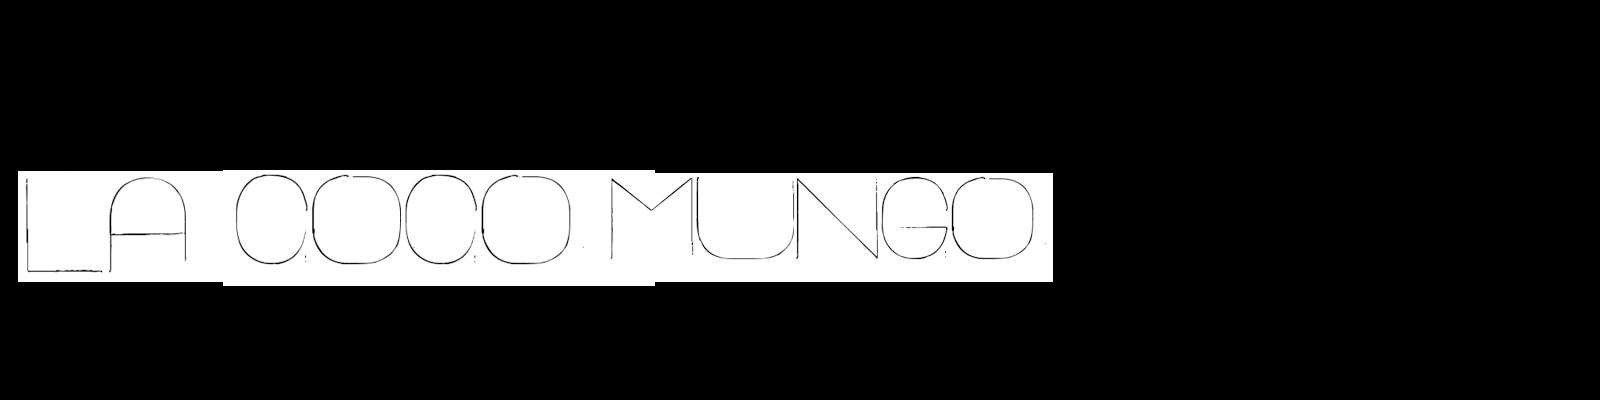 CocoMungo